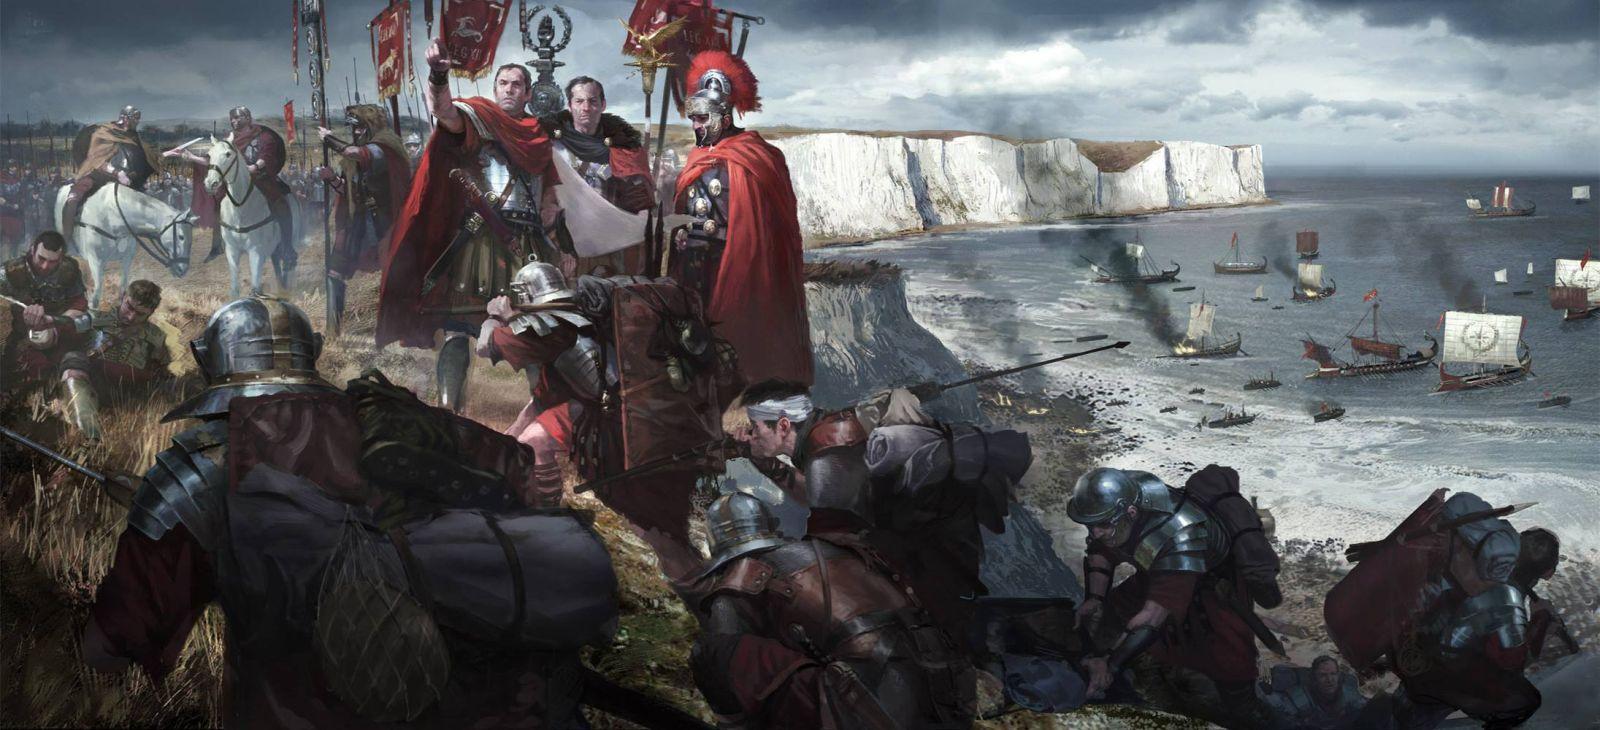 Římané zavedli na britském ostrově nové zemědělské, výrobní a architektonické postupy, čímž výrazně přispěli k rozvoji místní civilizace.